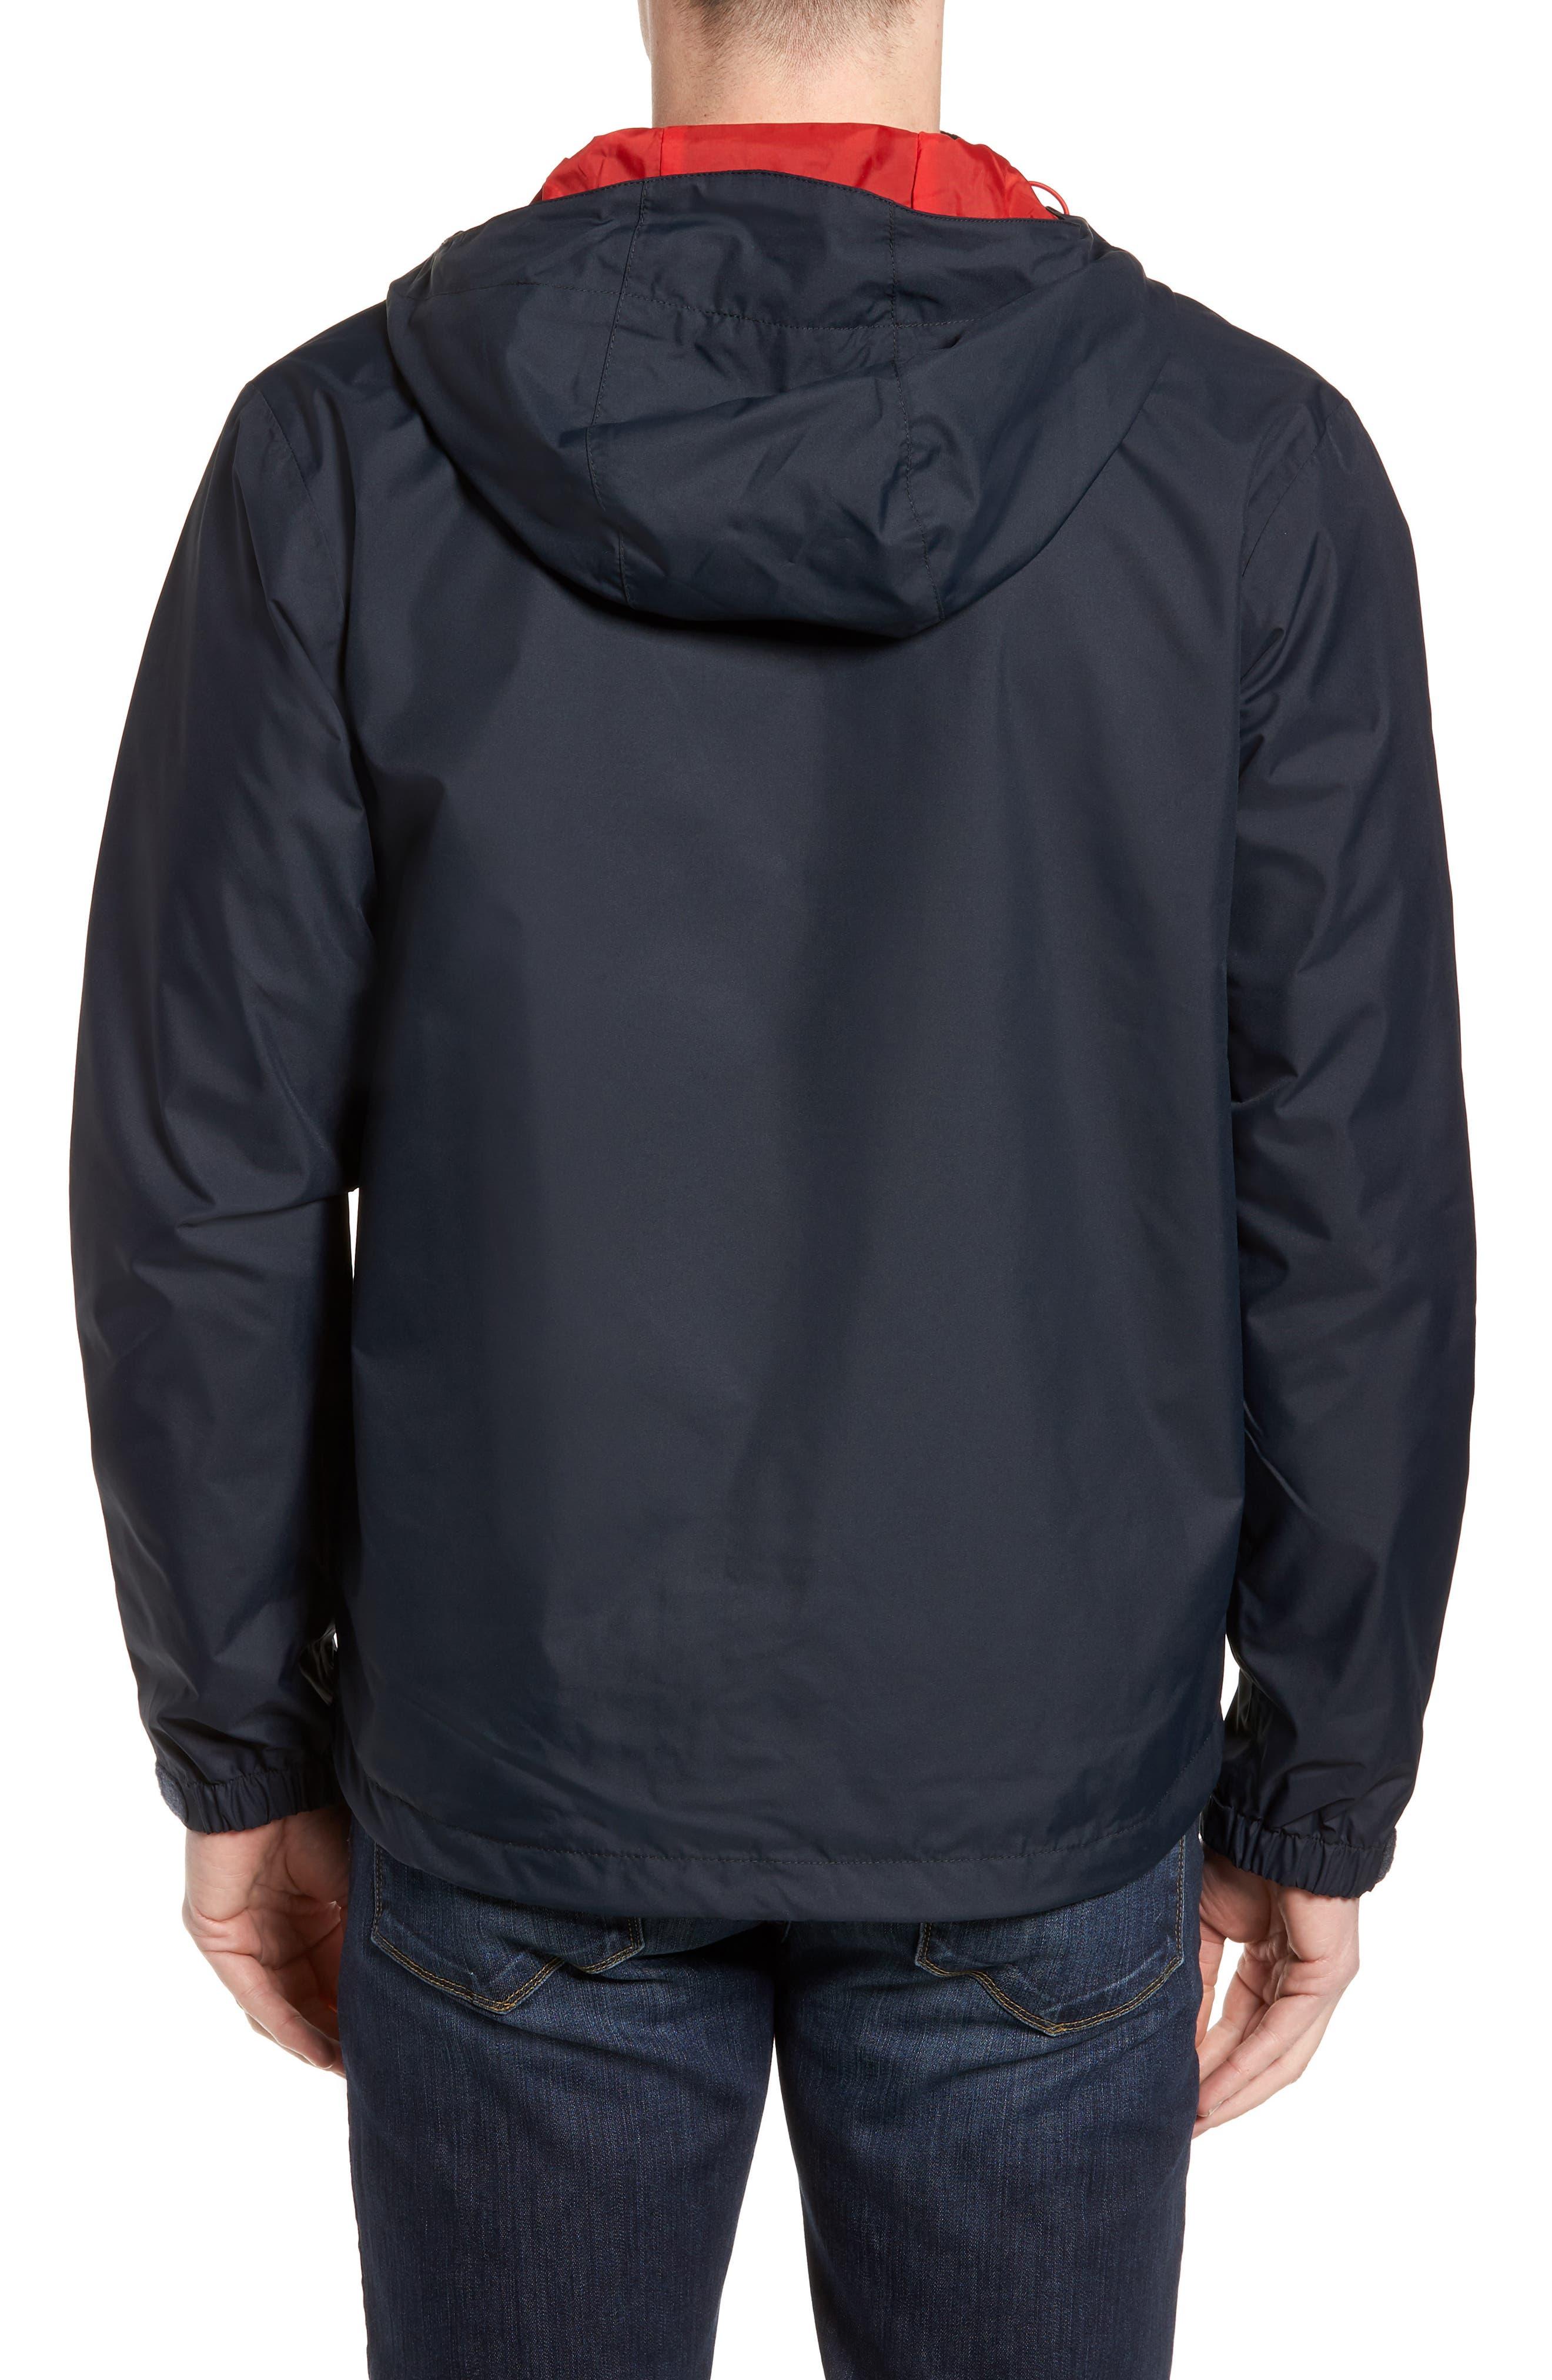 'Vancouver' Packable Rain Jacket,                             Alternate thumbnail 2, color,                             411